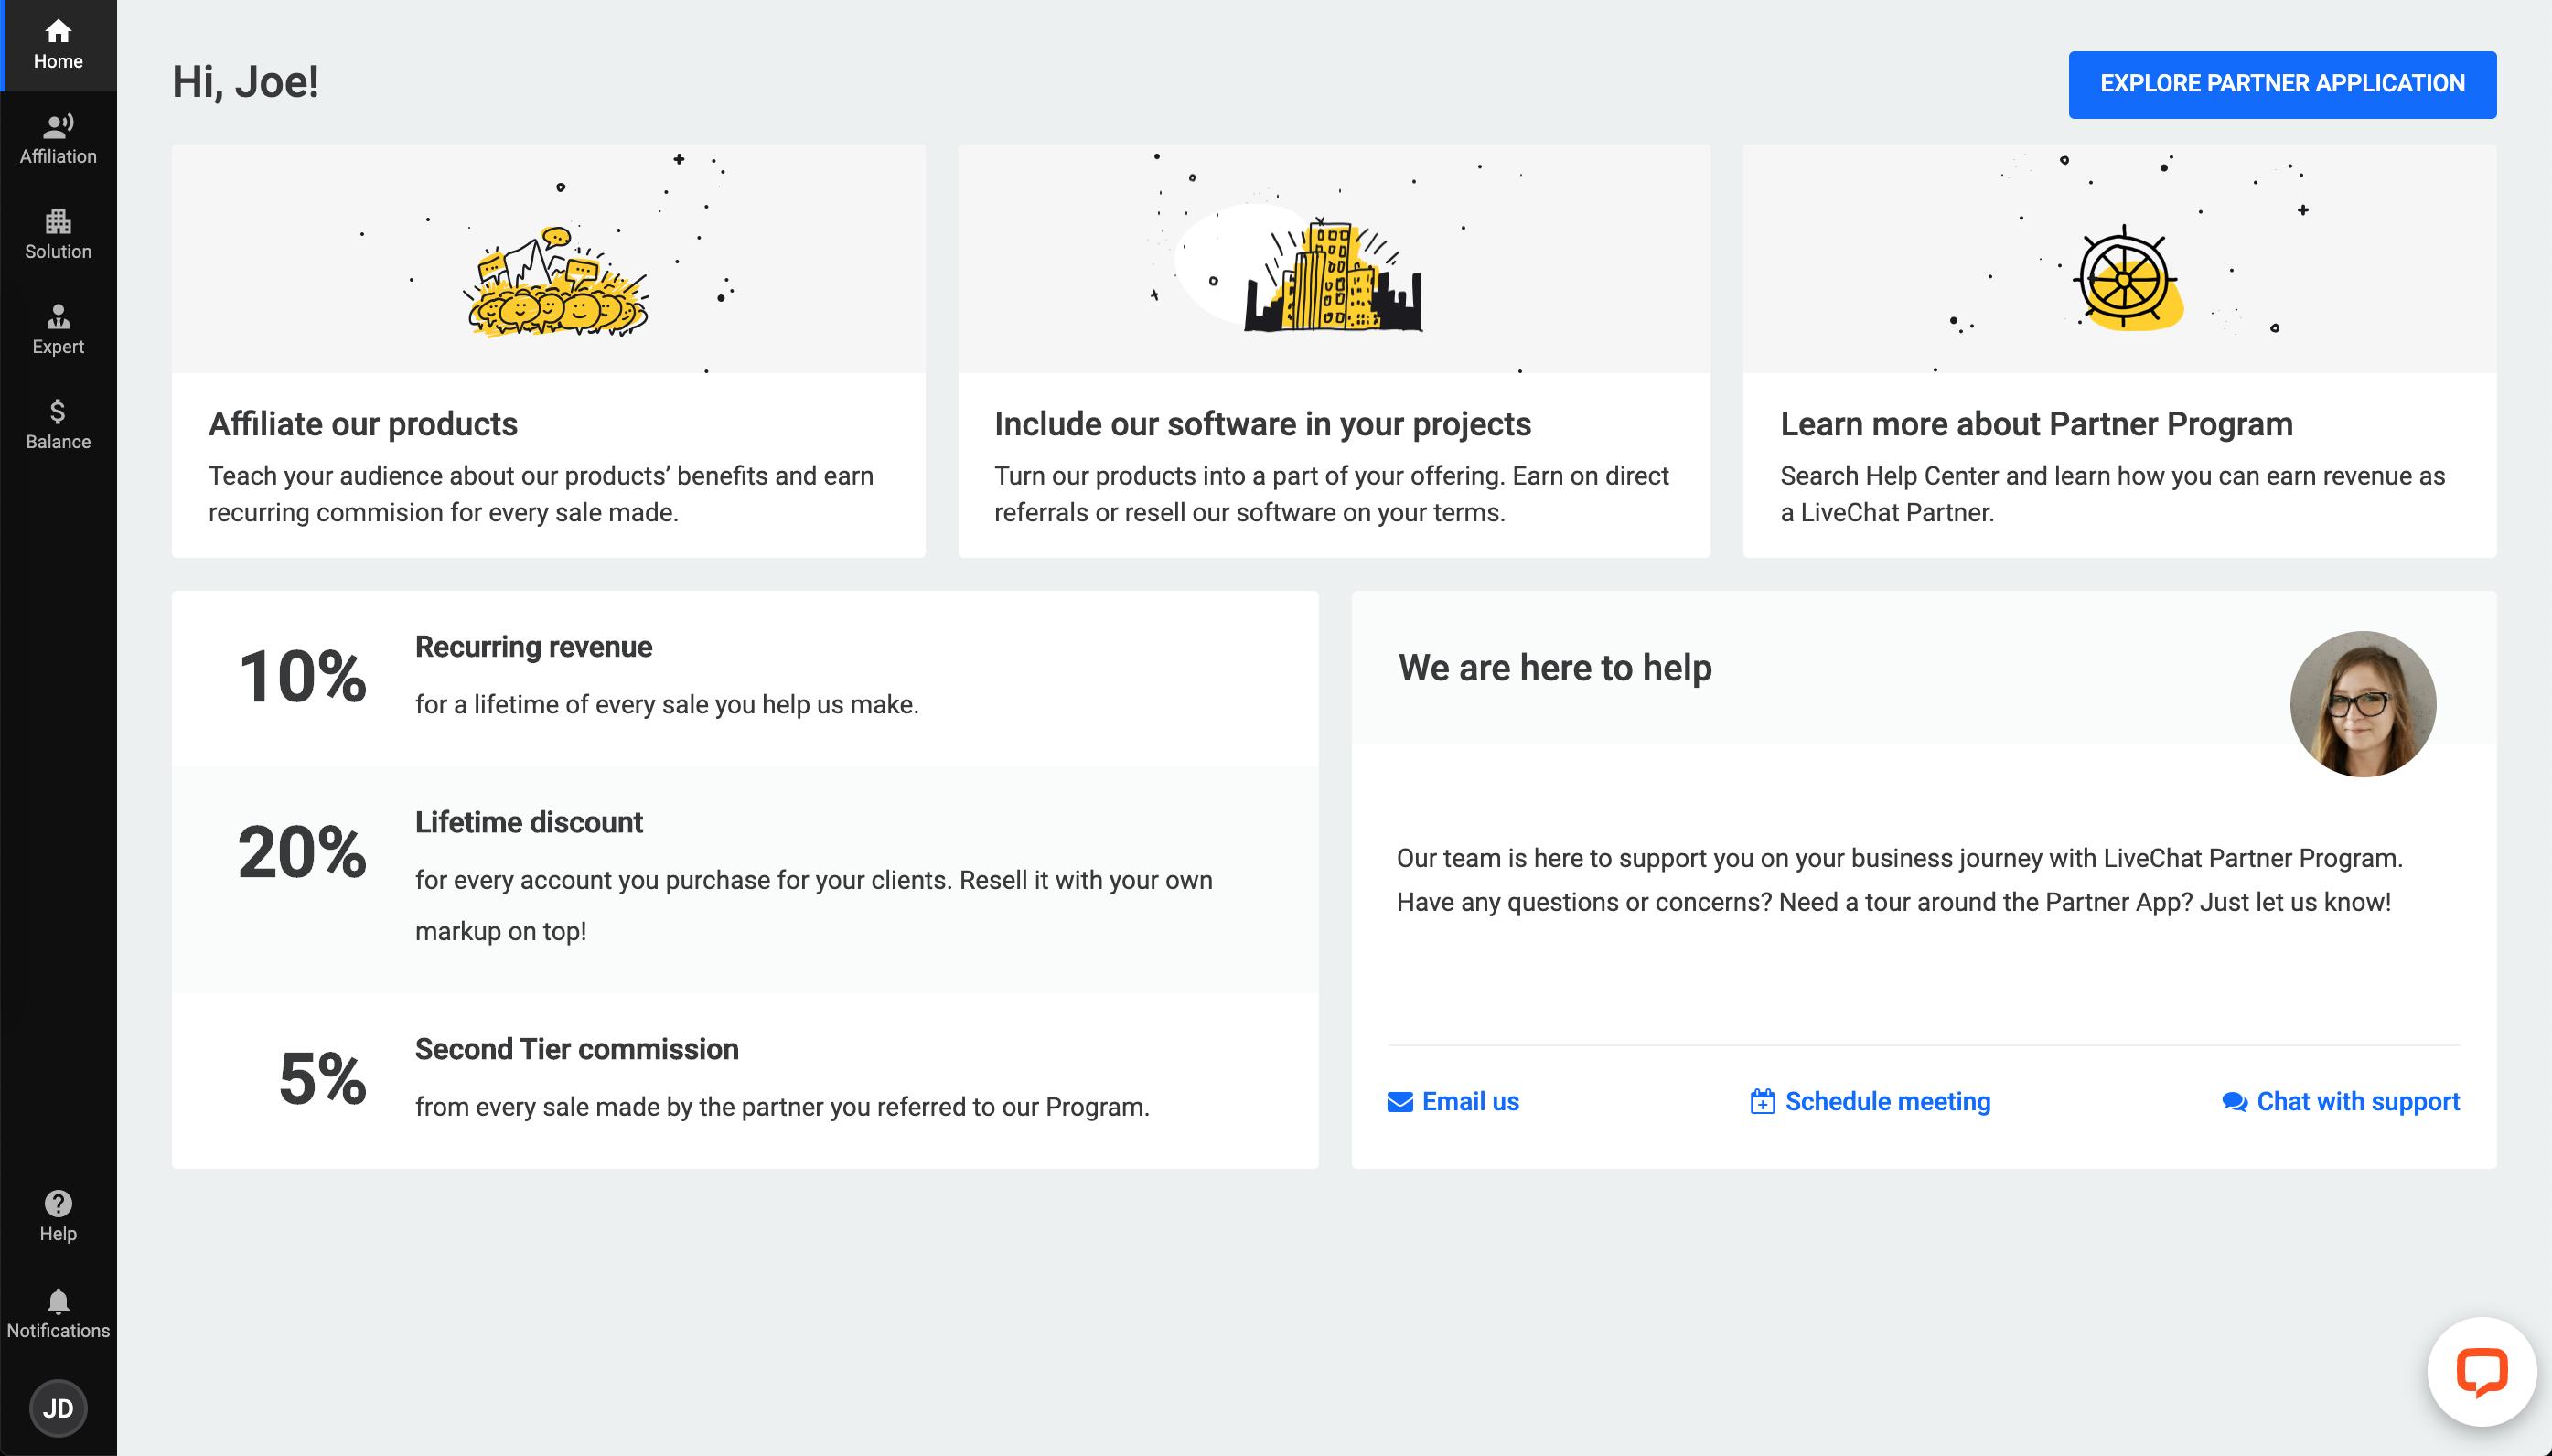 The Partner App change - navigation bar update